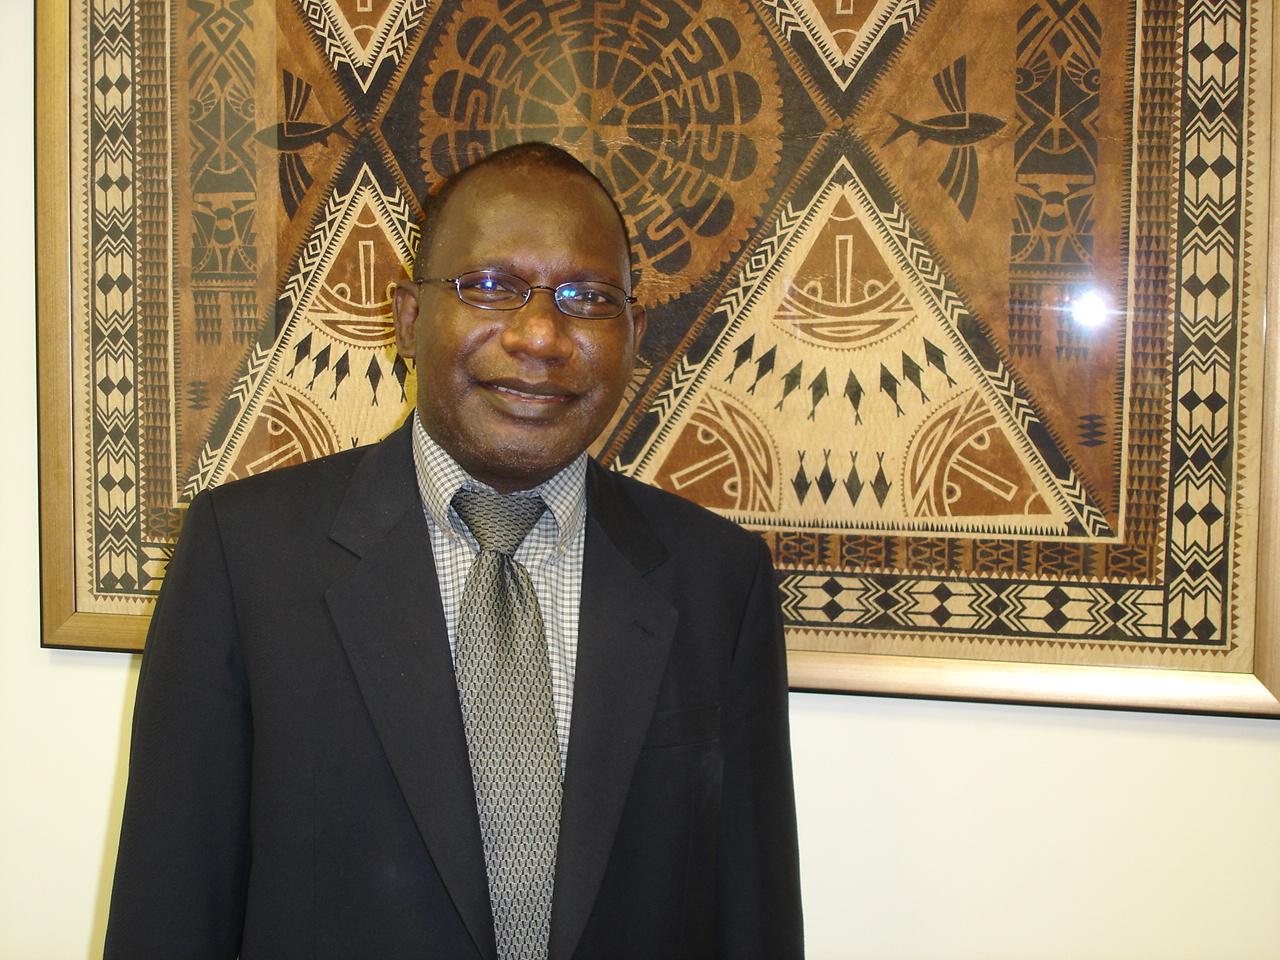 Beraki Jino, Solomon Islands ambassador